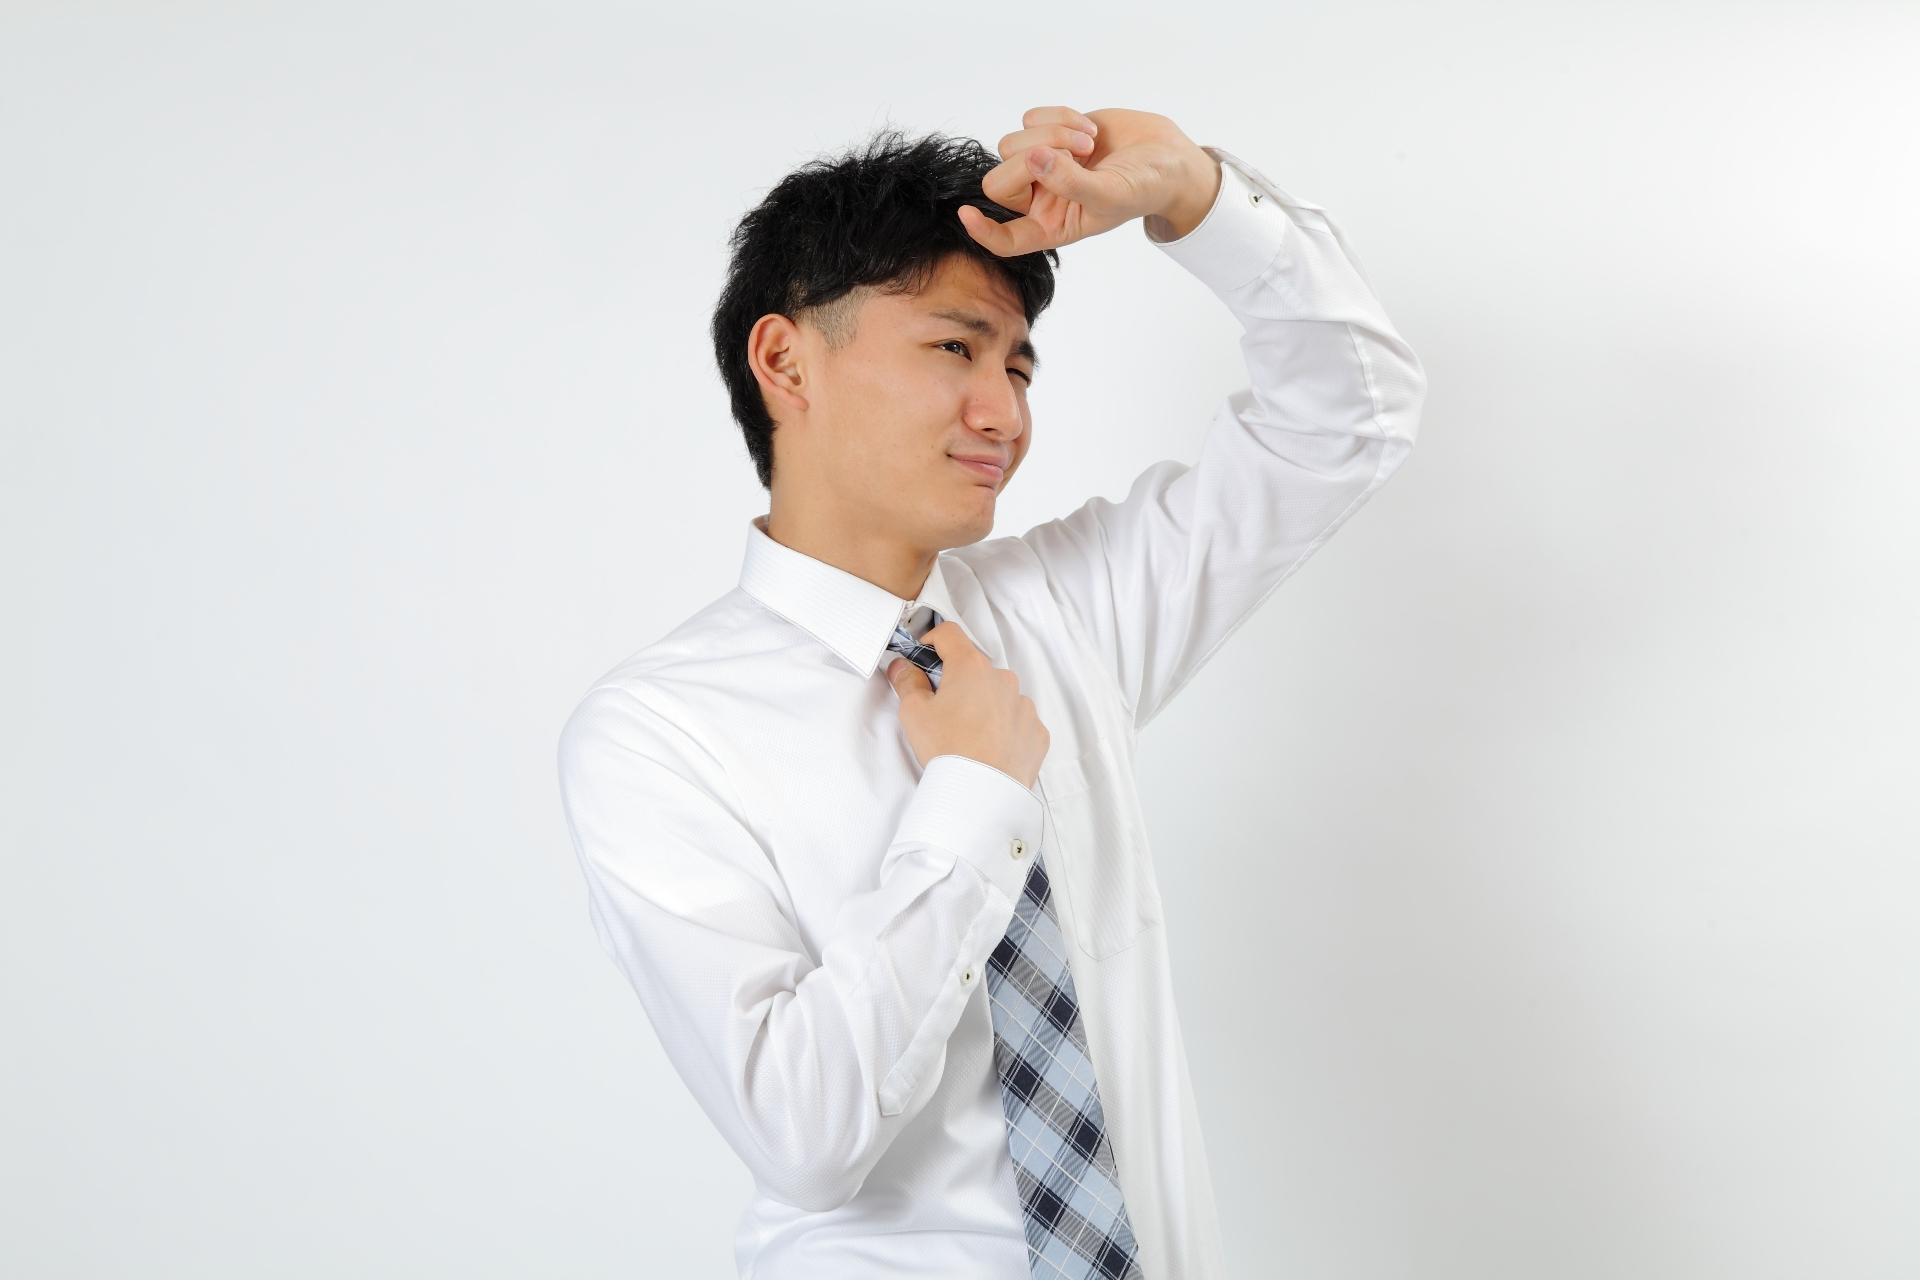 ホリエモン「スーツだと生産性下がるね」 サラリーマンのカジュアル化で「大企業病」は回避できるのか?